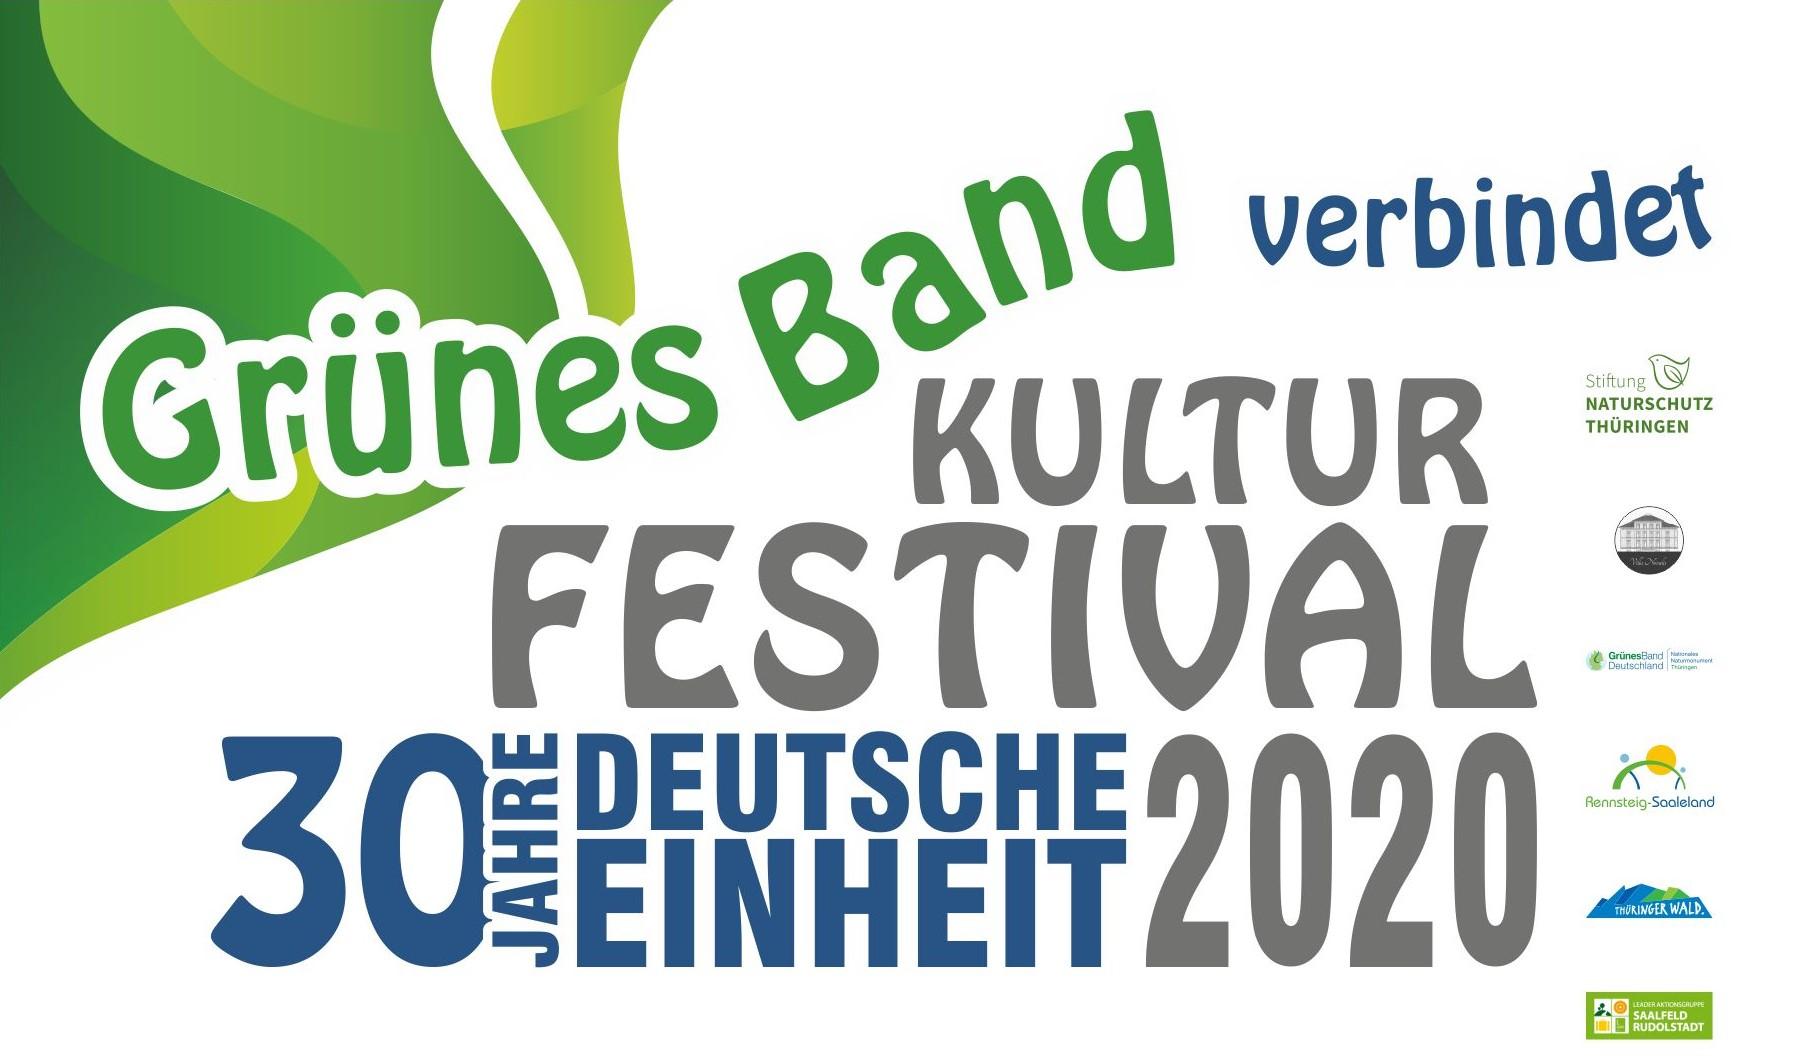 Kulturfestival - 30 Jahre Deutsche Einheit // 03.10. - 18.10.2020